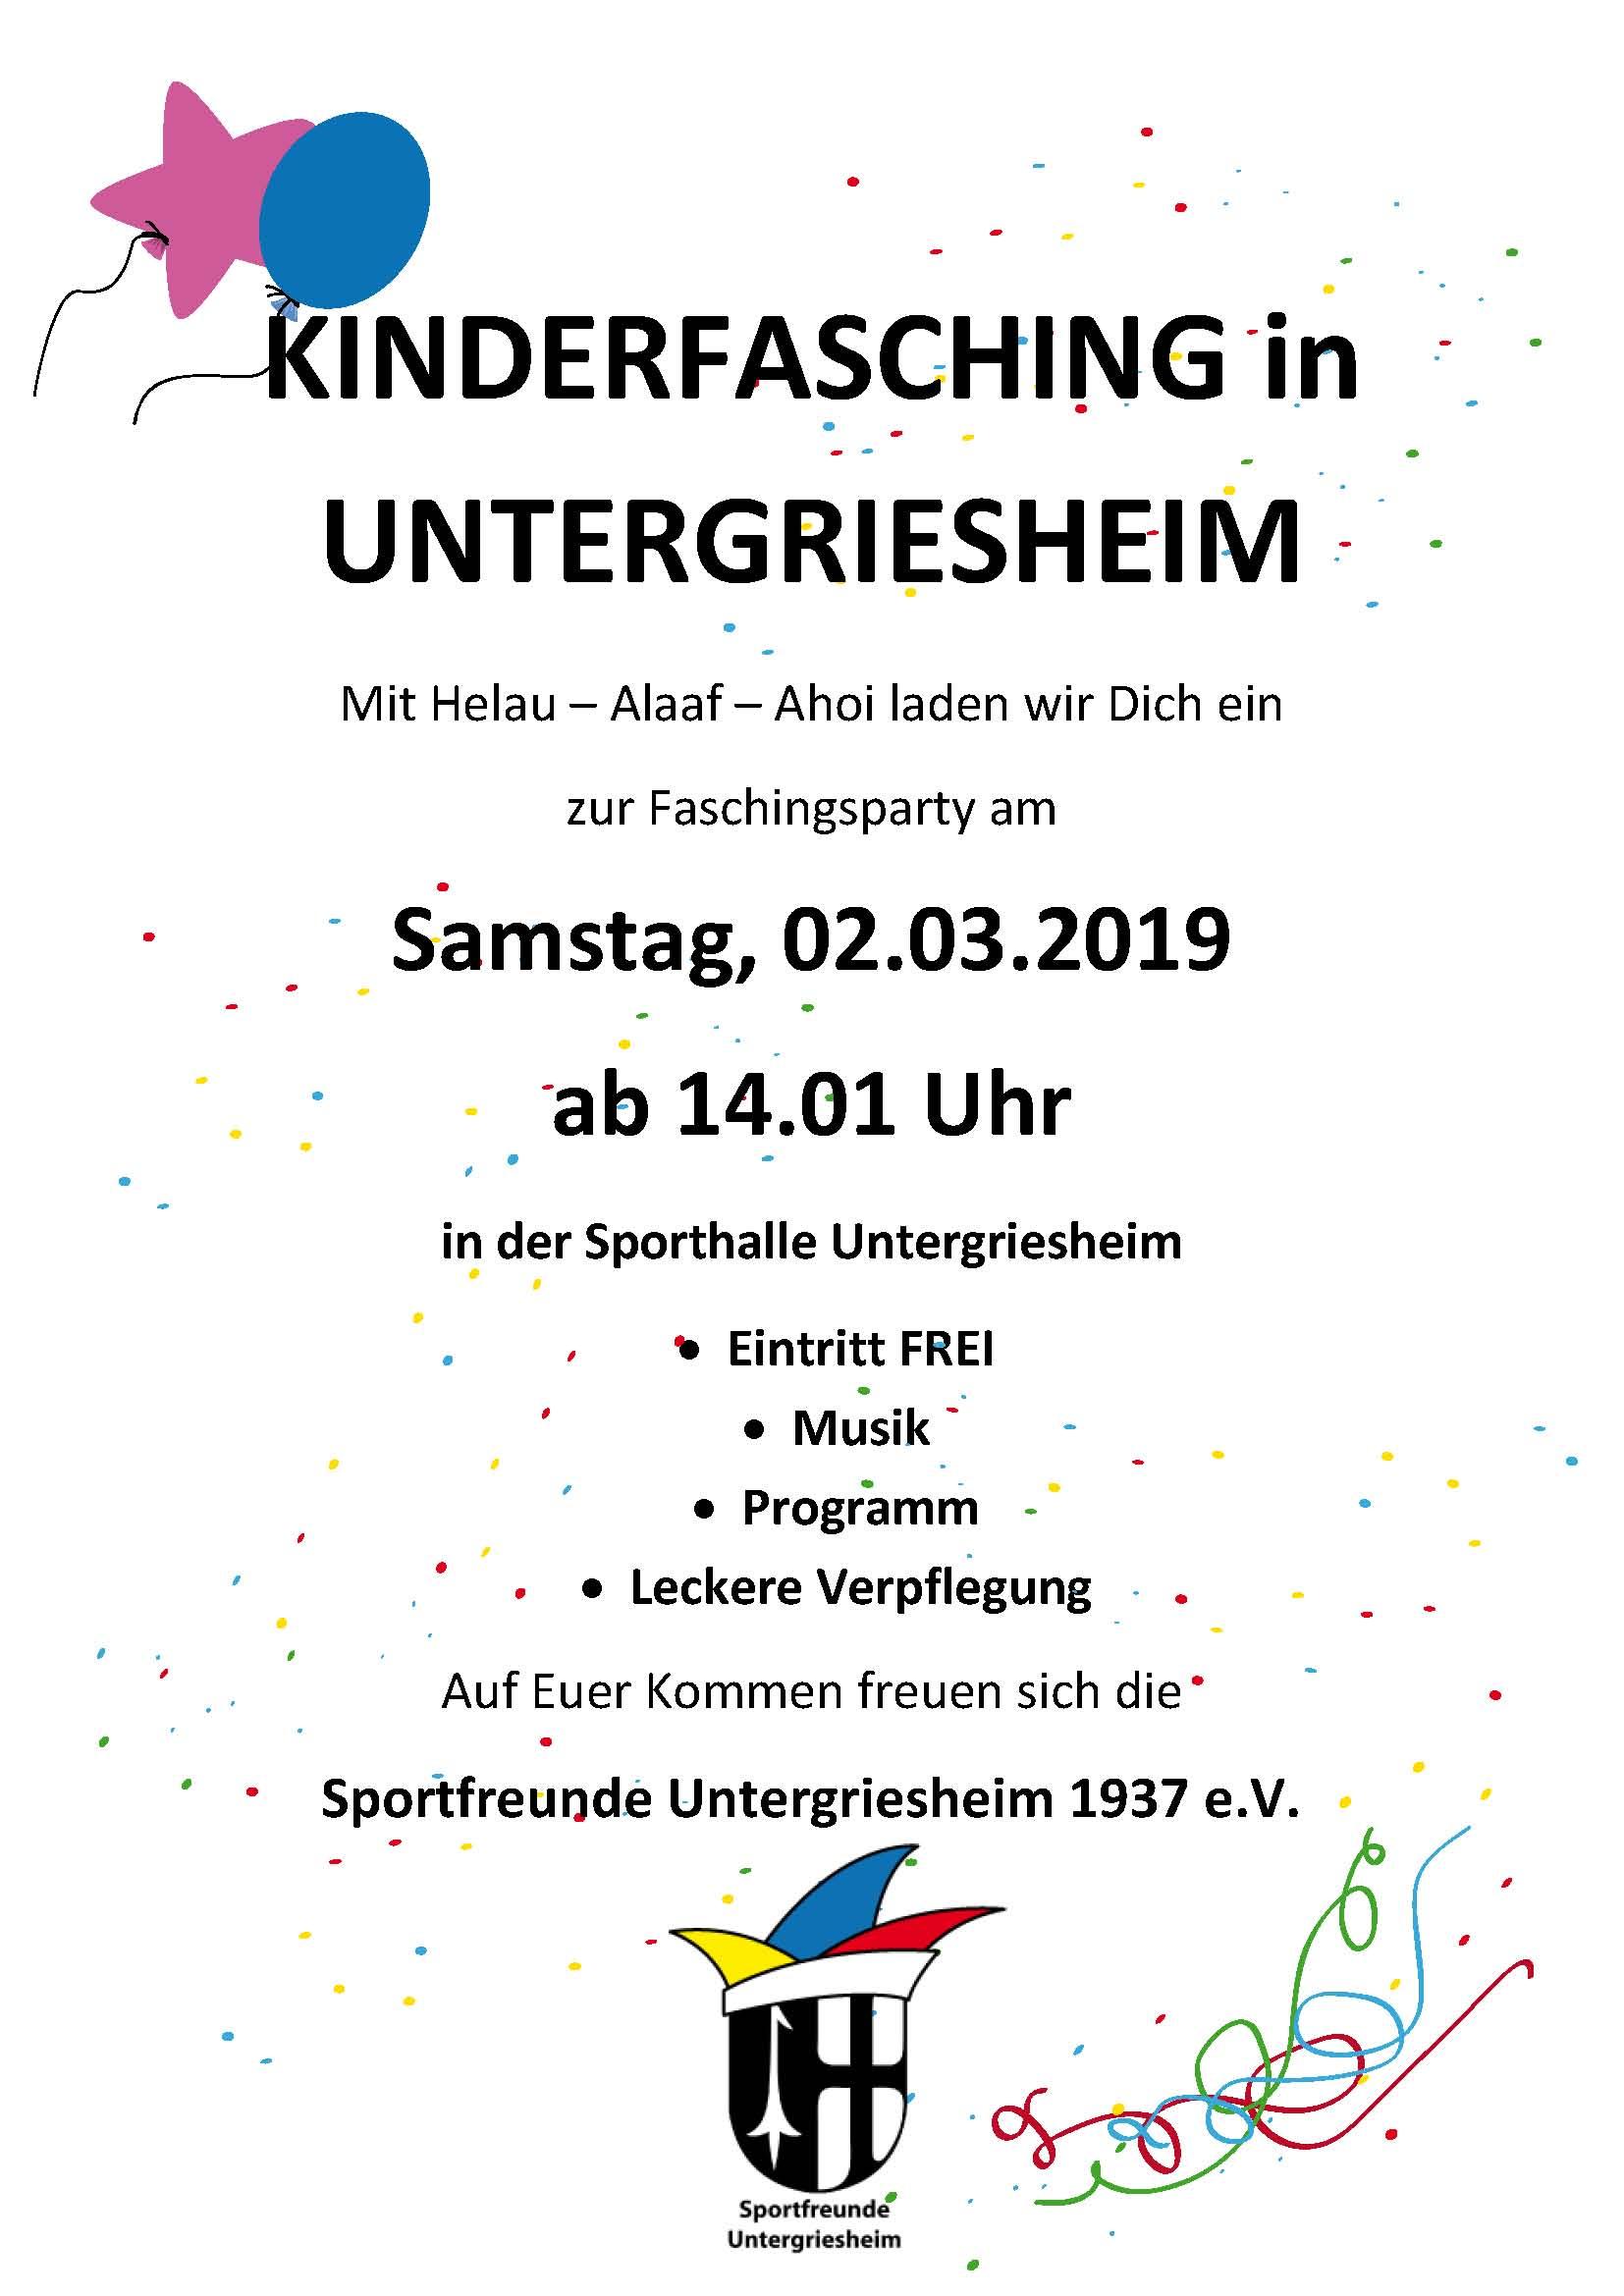 KINDERFASCHING_in_UNTERGRIESHEIM2019.jpg